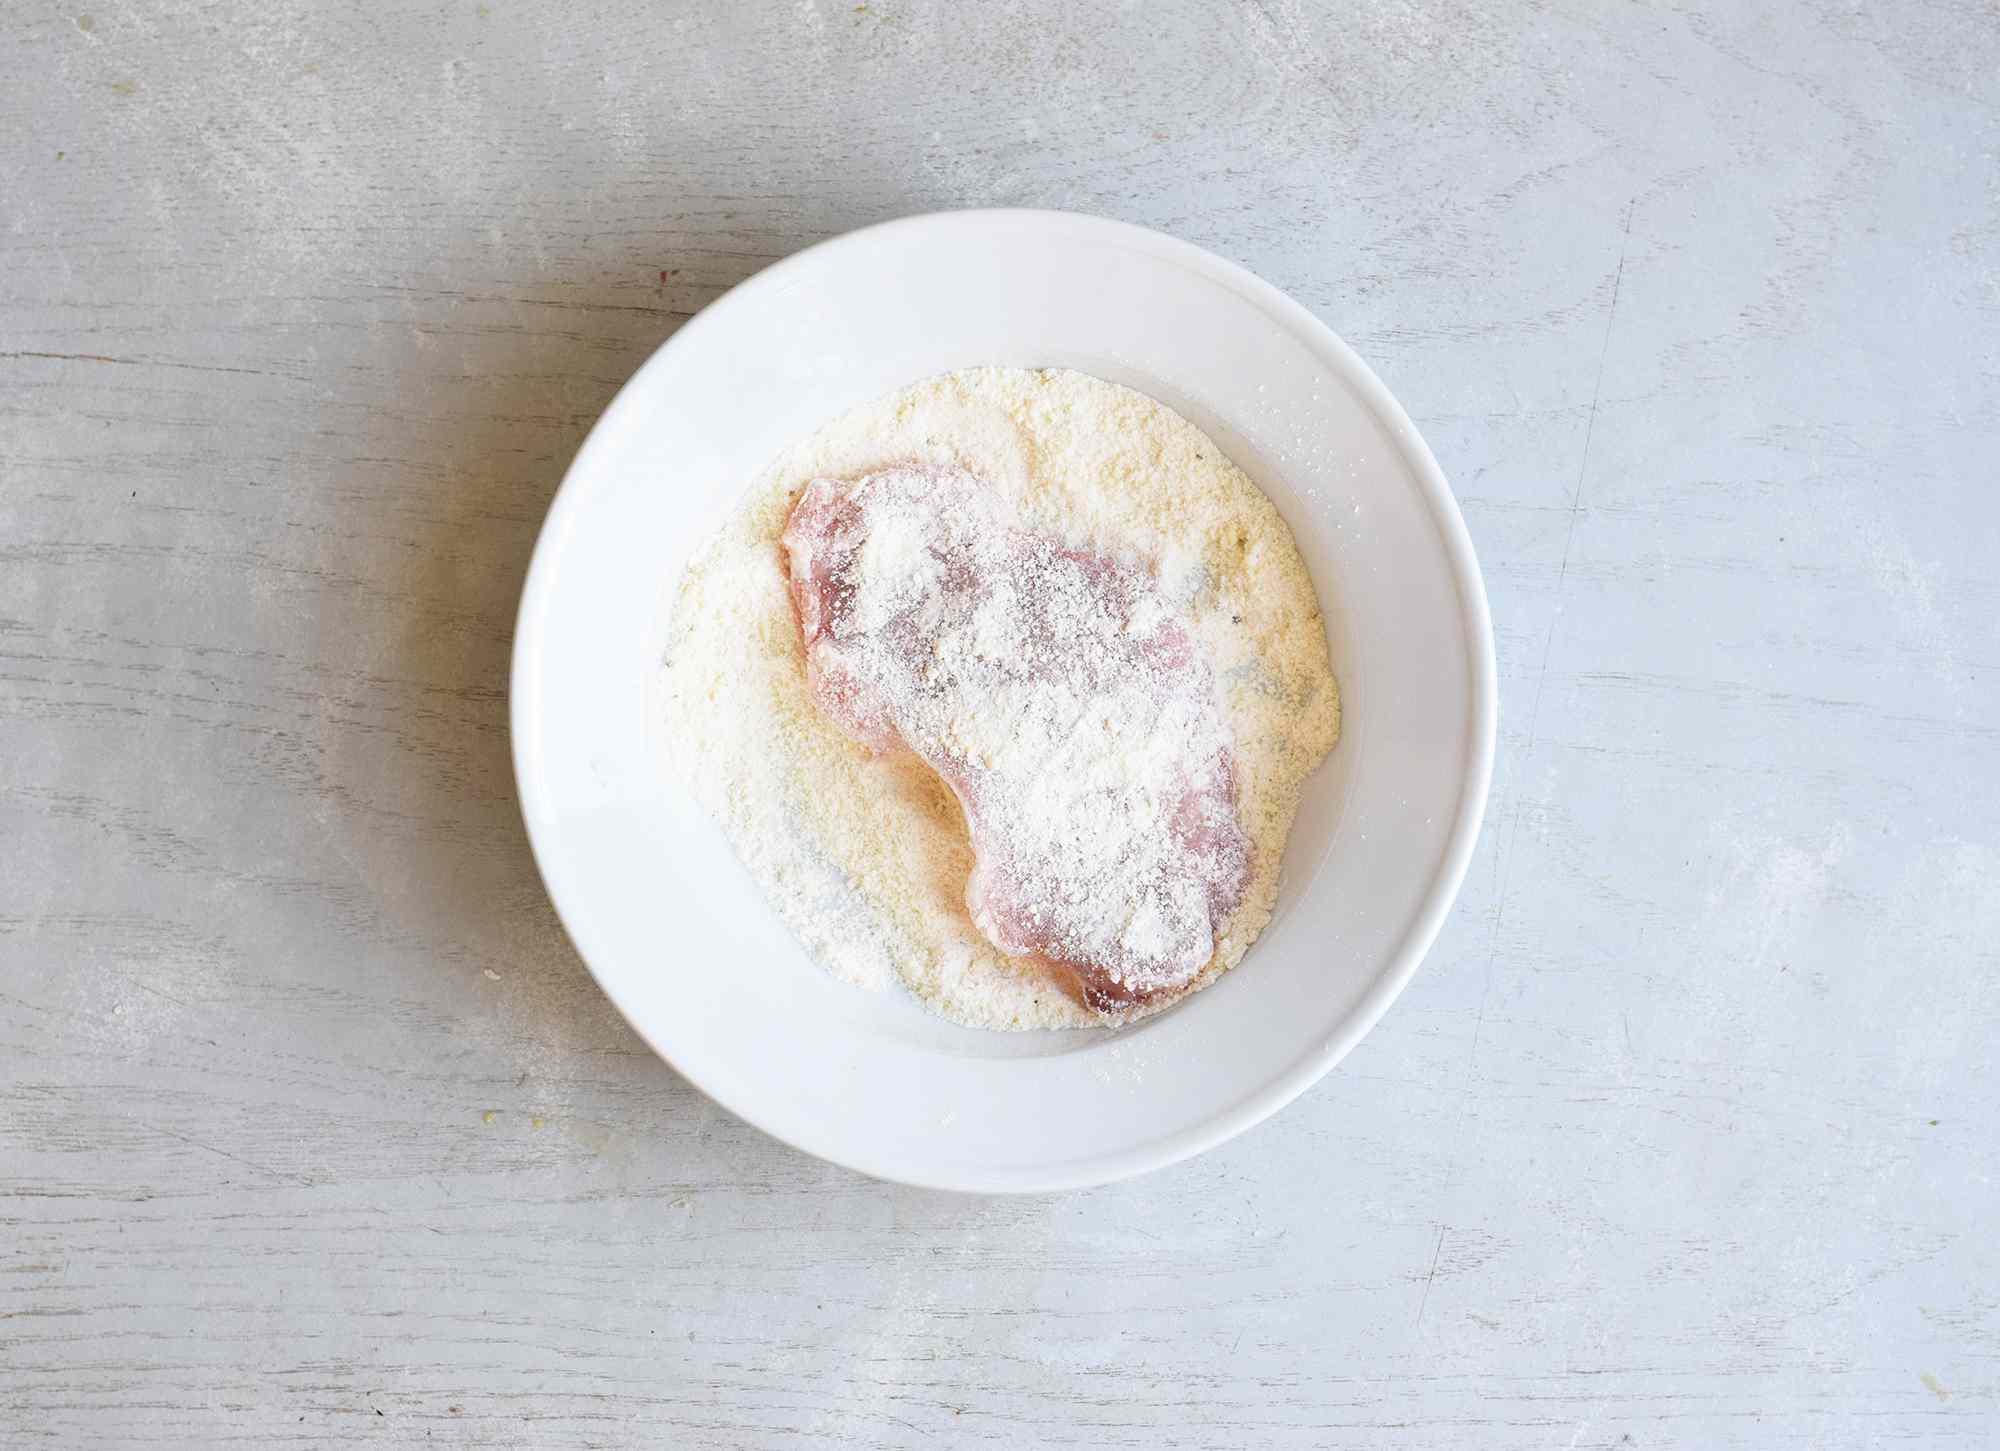 pork chops dipped in flour mixture